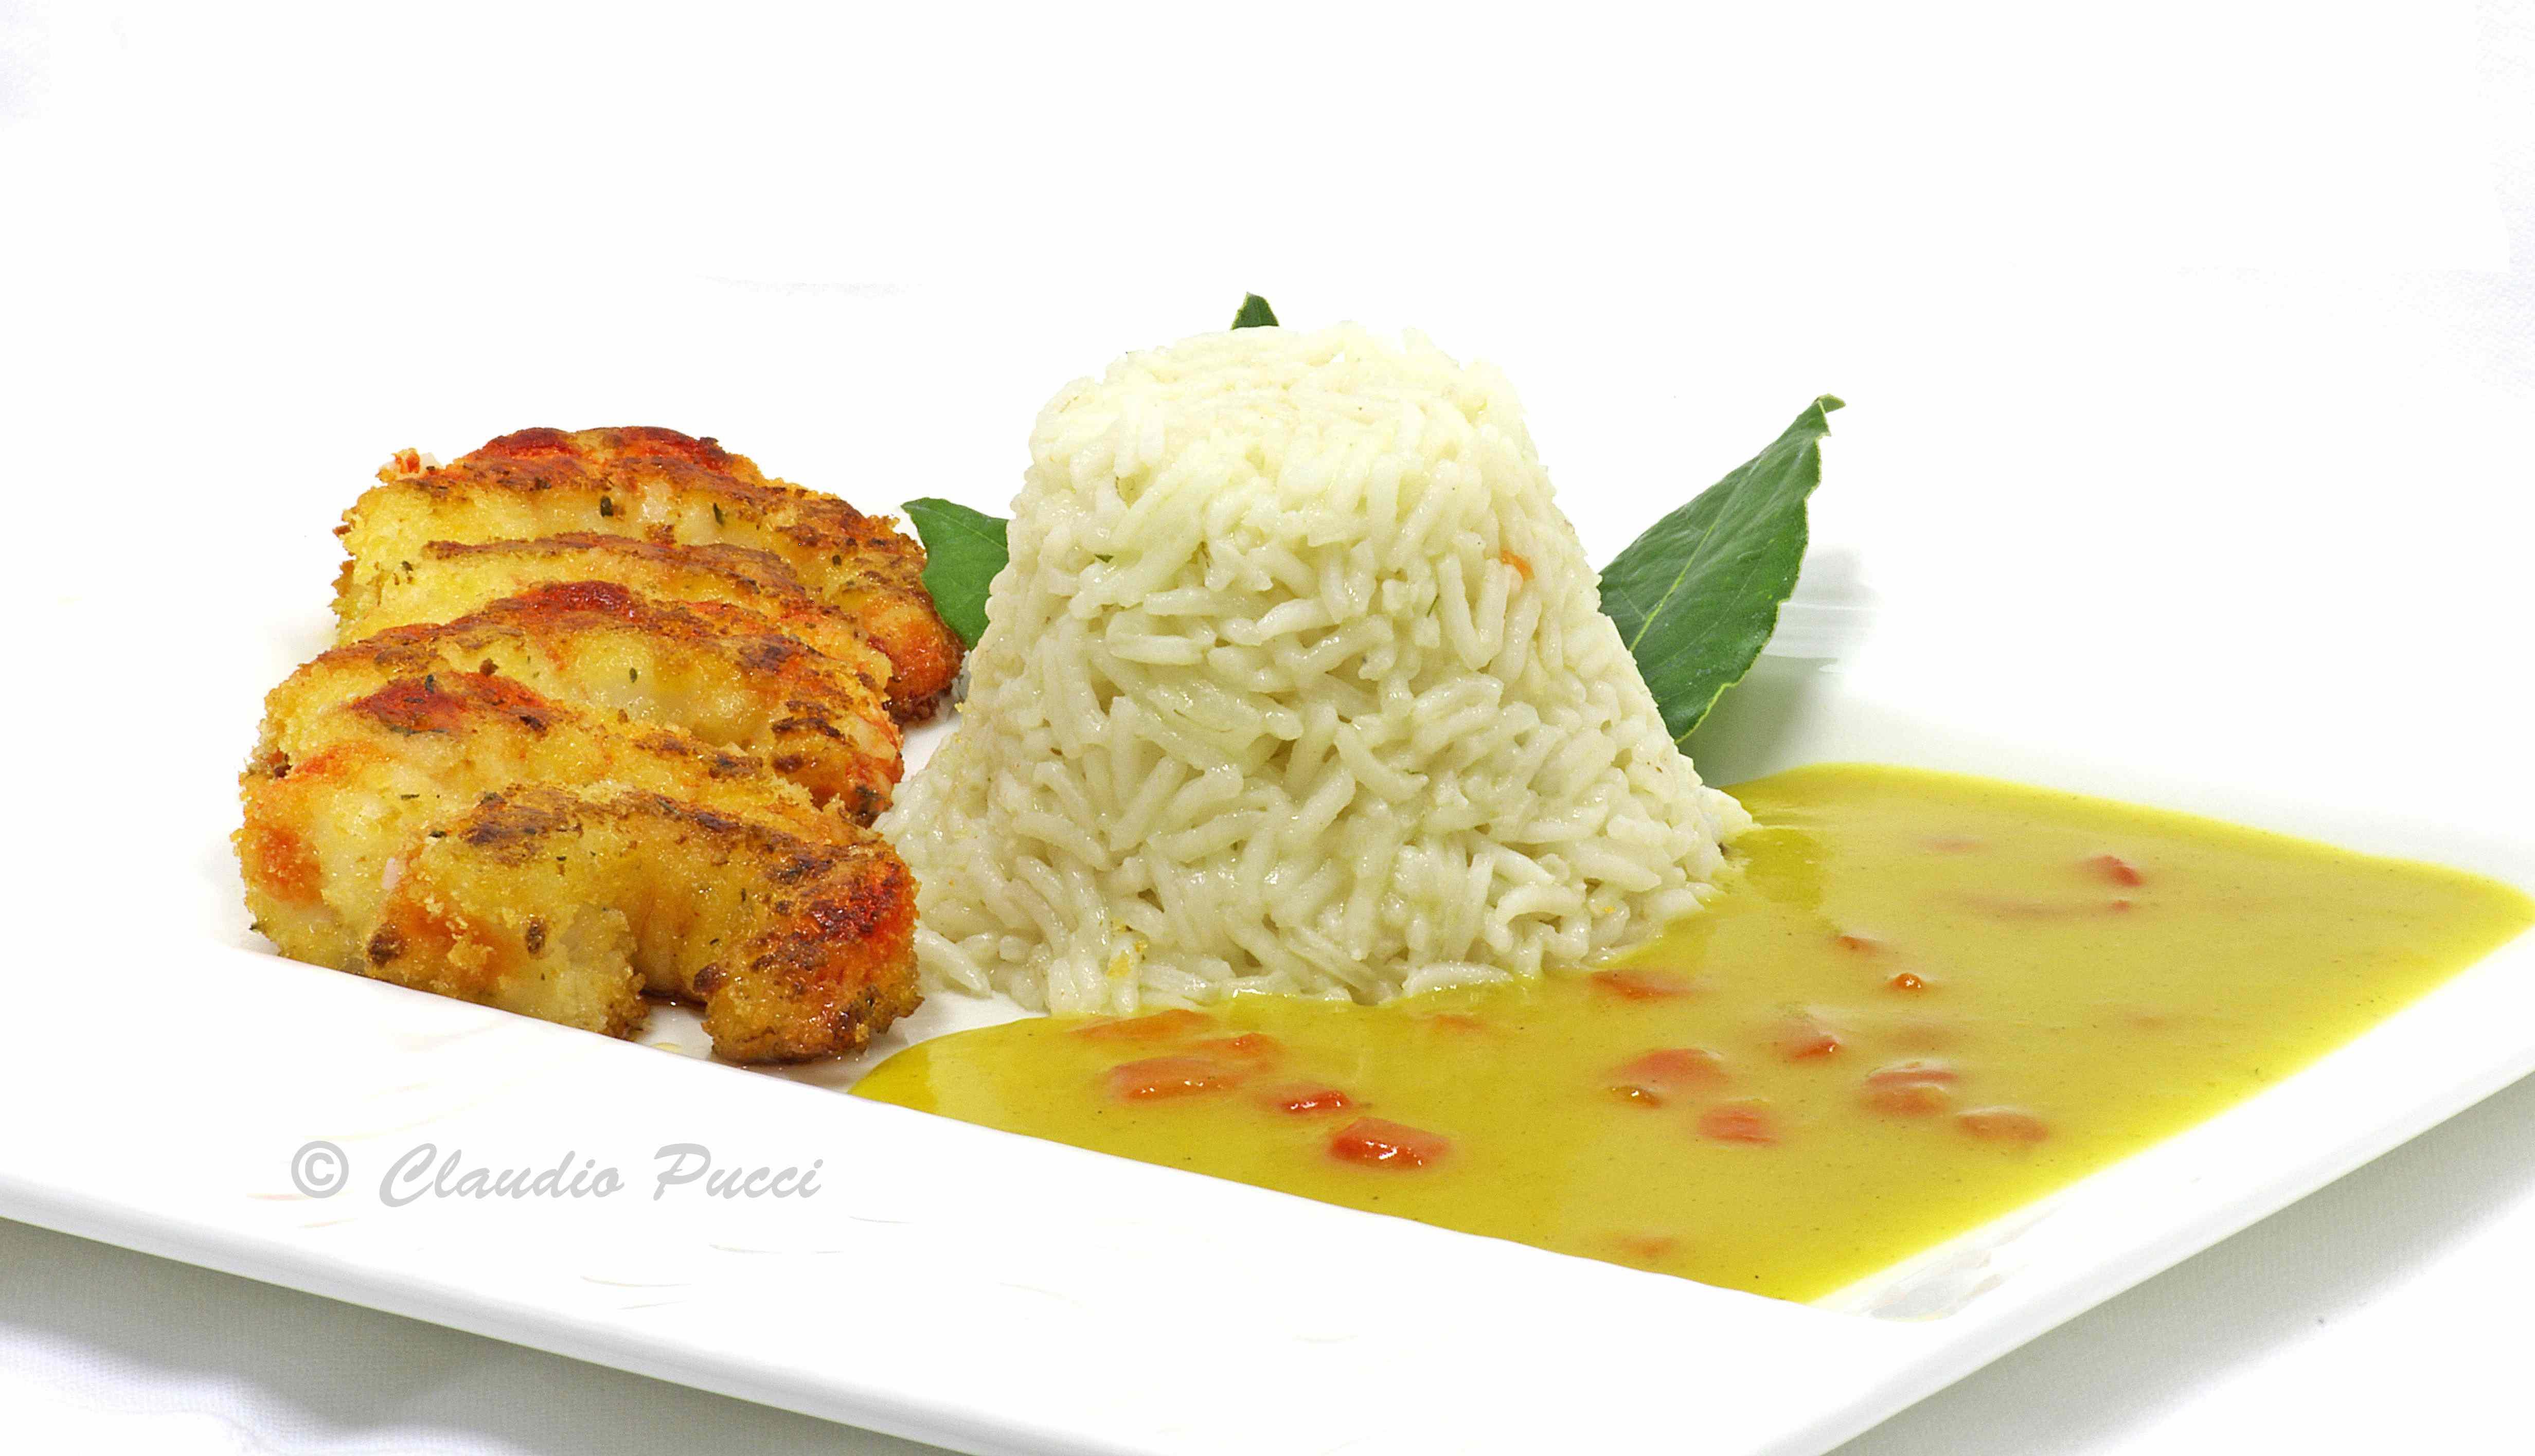 Ricetta: Gamberoni al profumo di timo con riso basmati pilaw e salsa curry